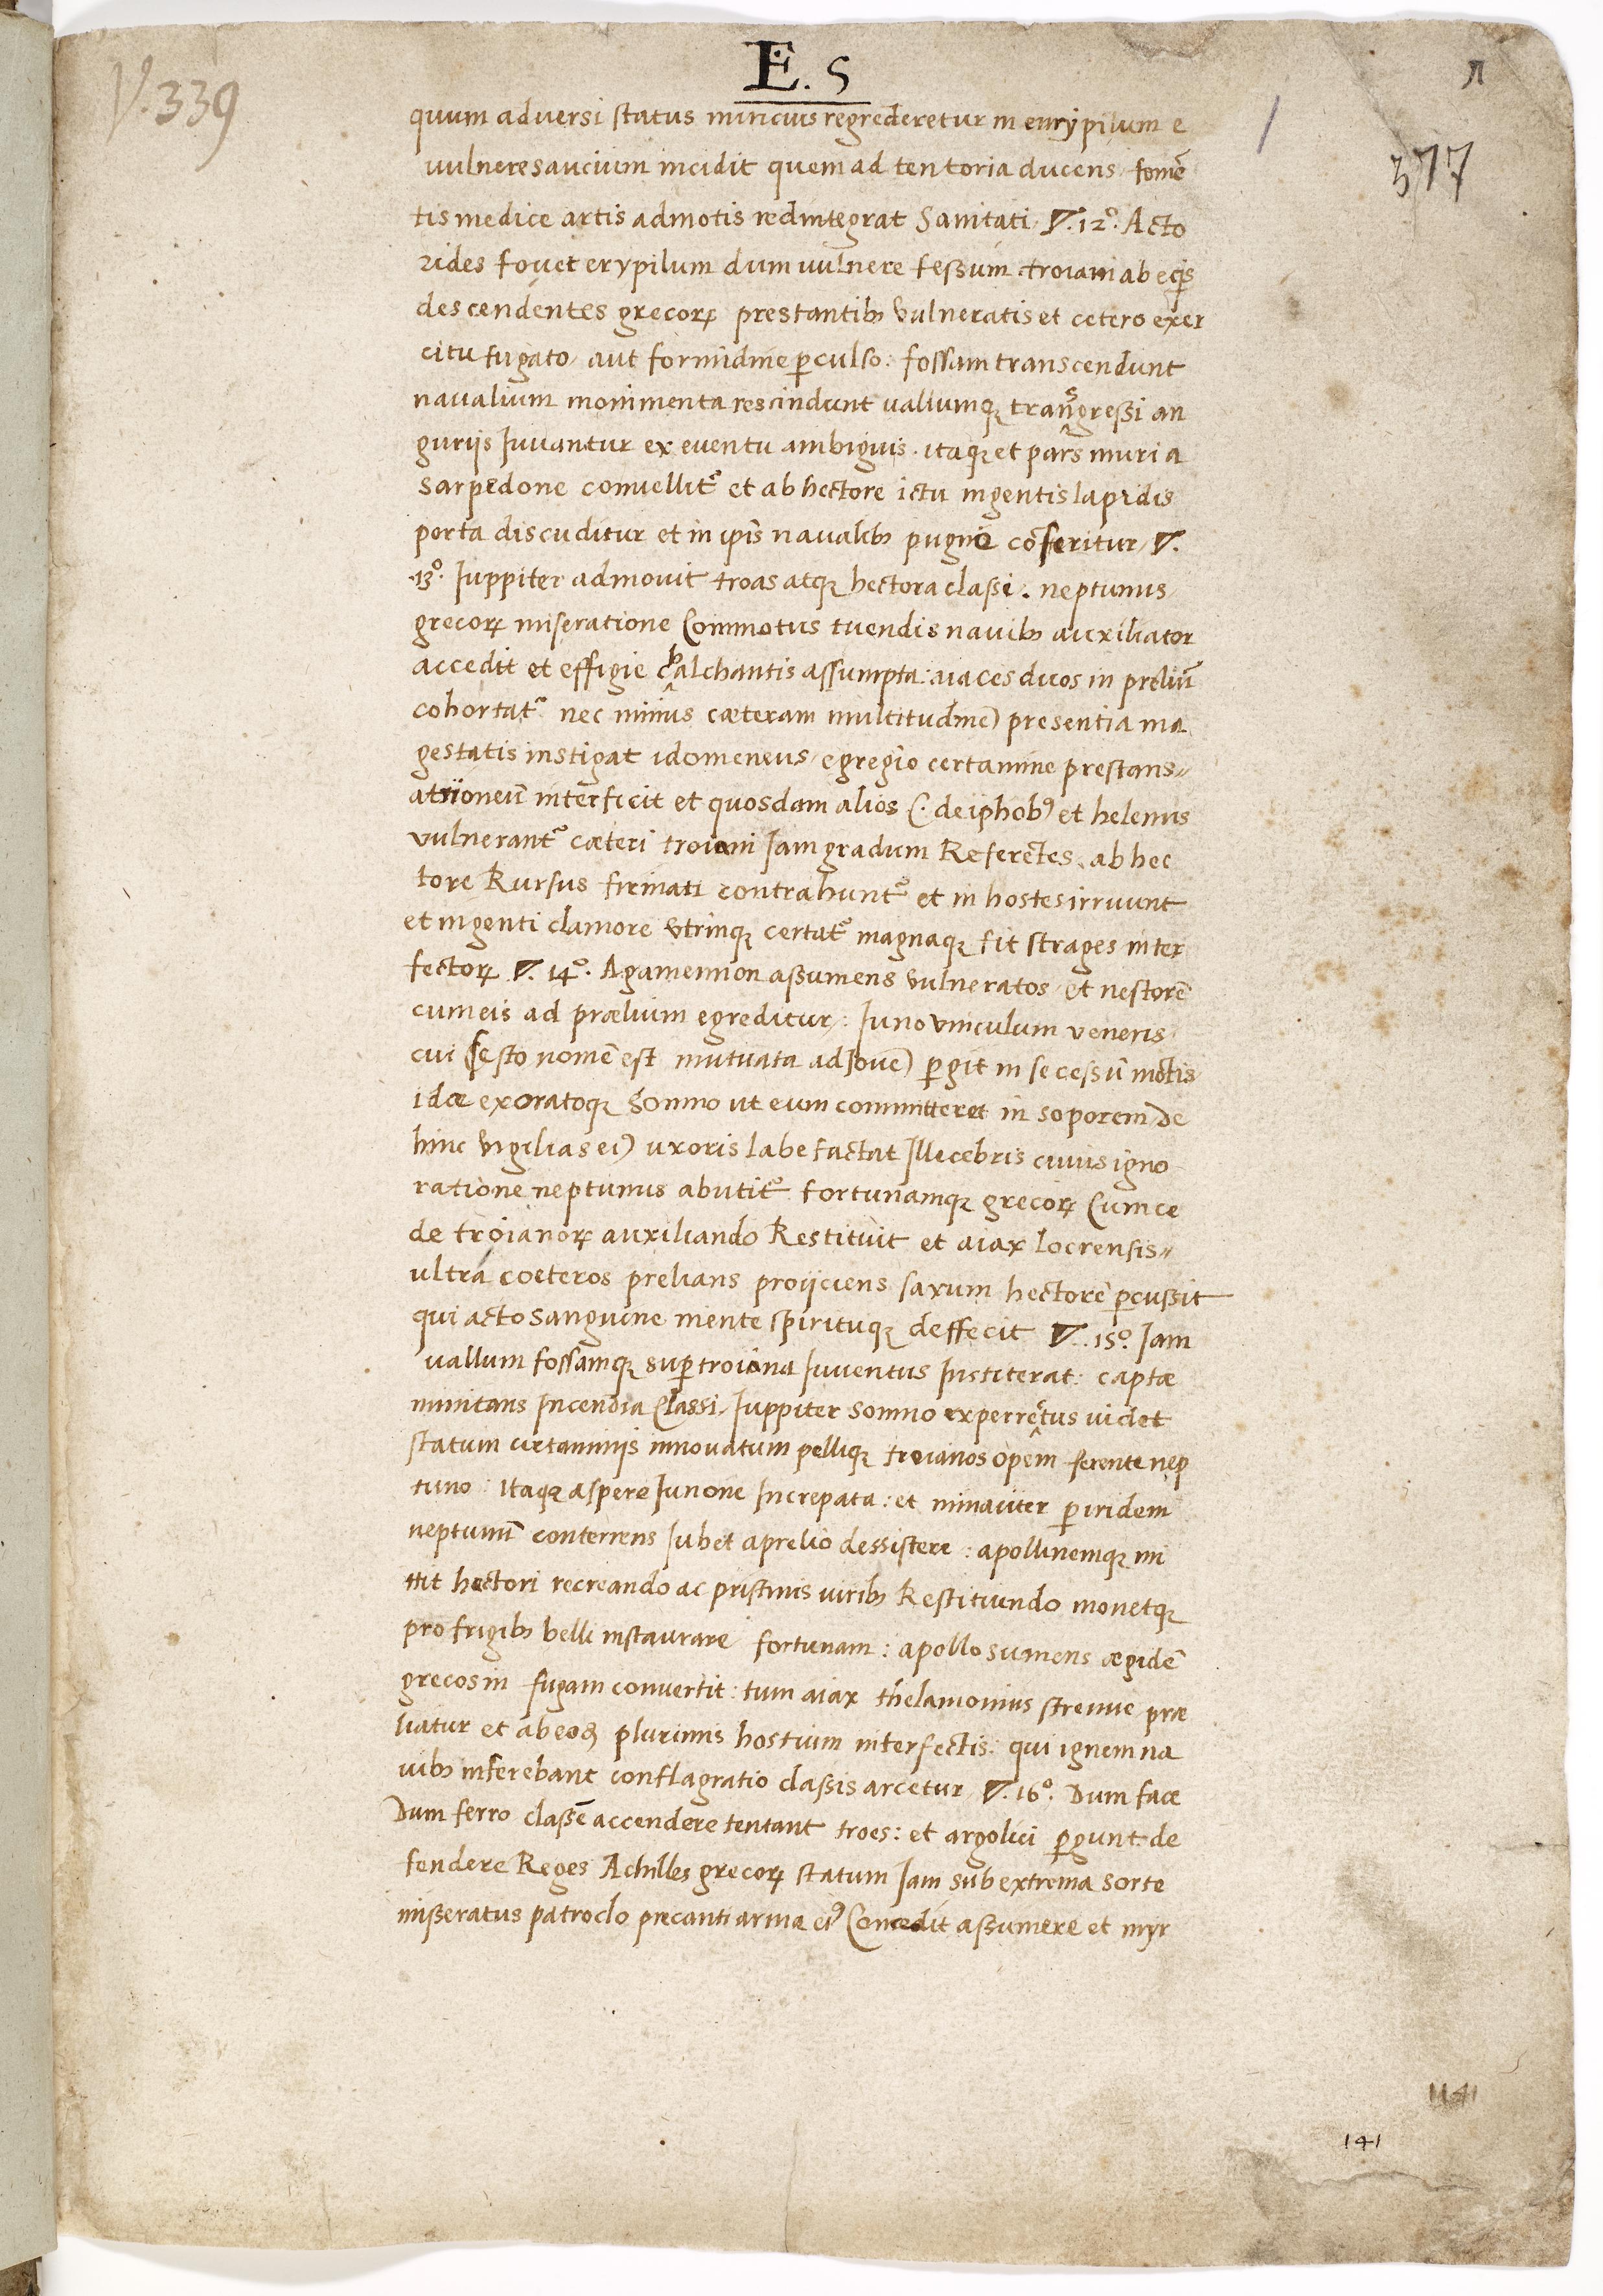 AM 377 fol., f. 1r